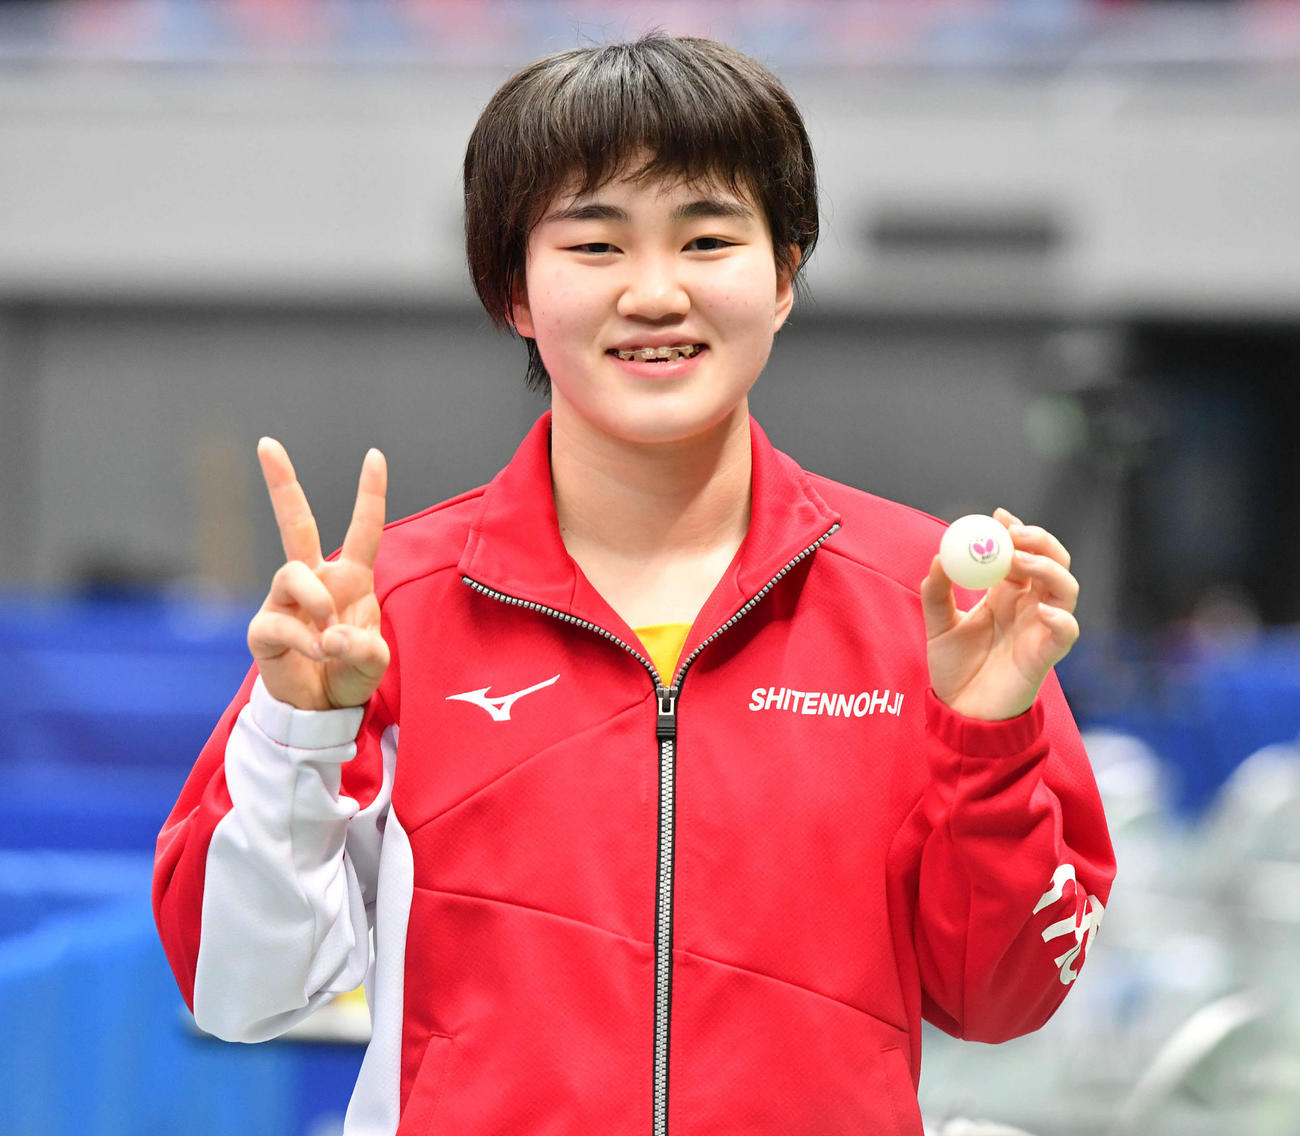 全日本卓球選手権 ジュニア女子シングルスで優勝し、ウイニングボールを手に笑顔を見せる大藤沙月(撮影・岩下翔太)